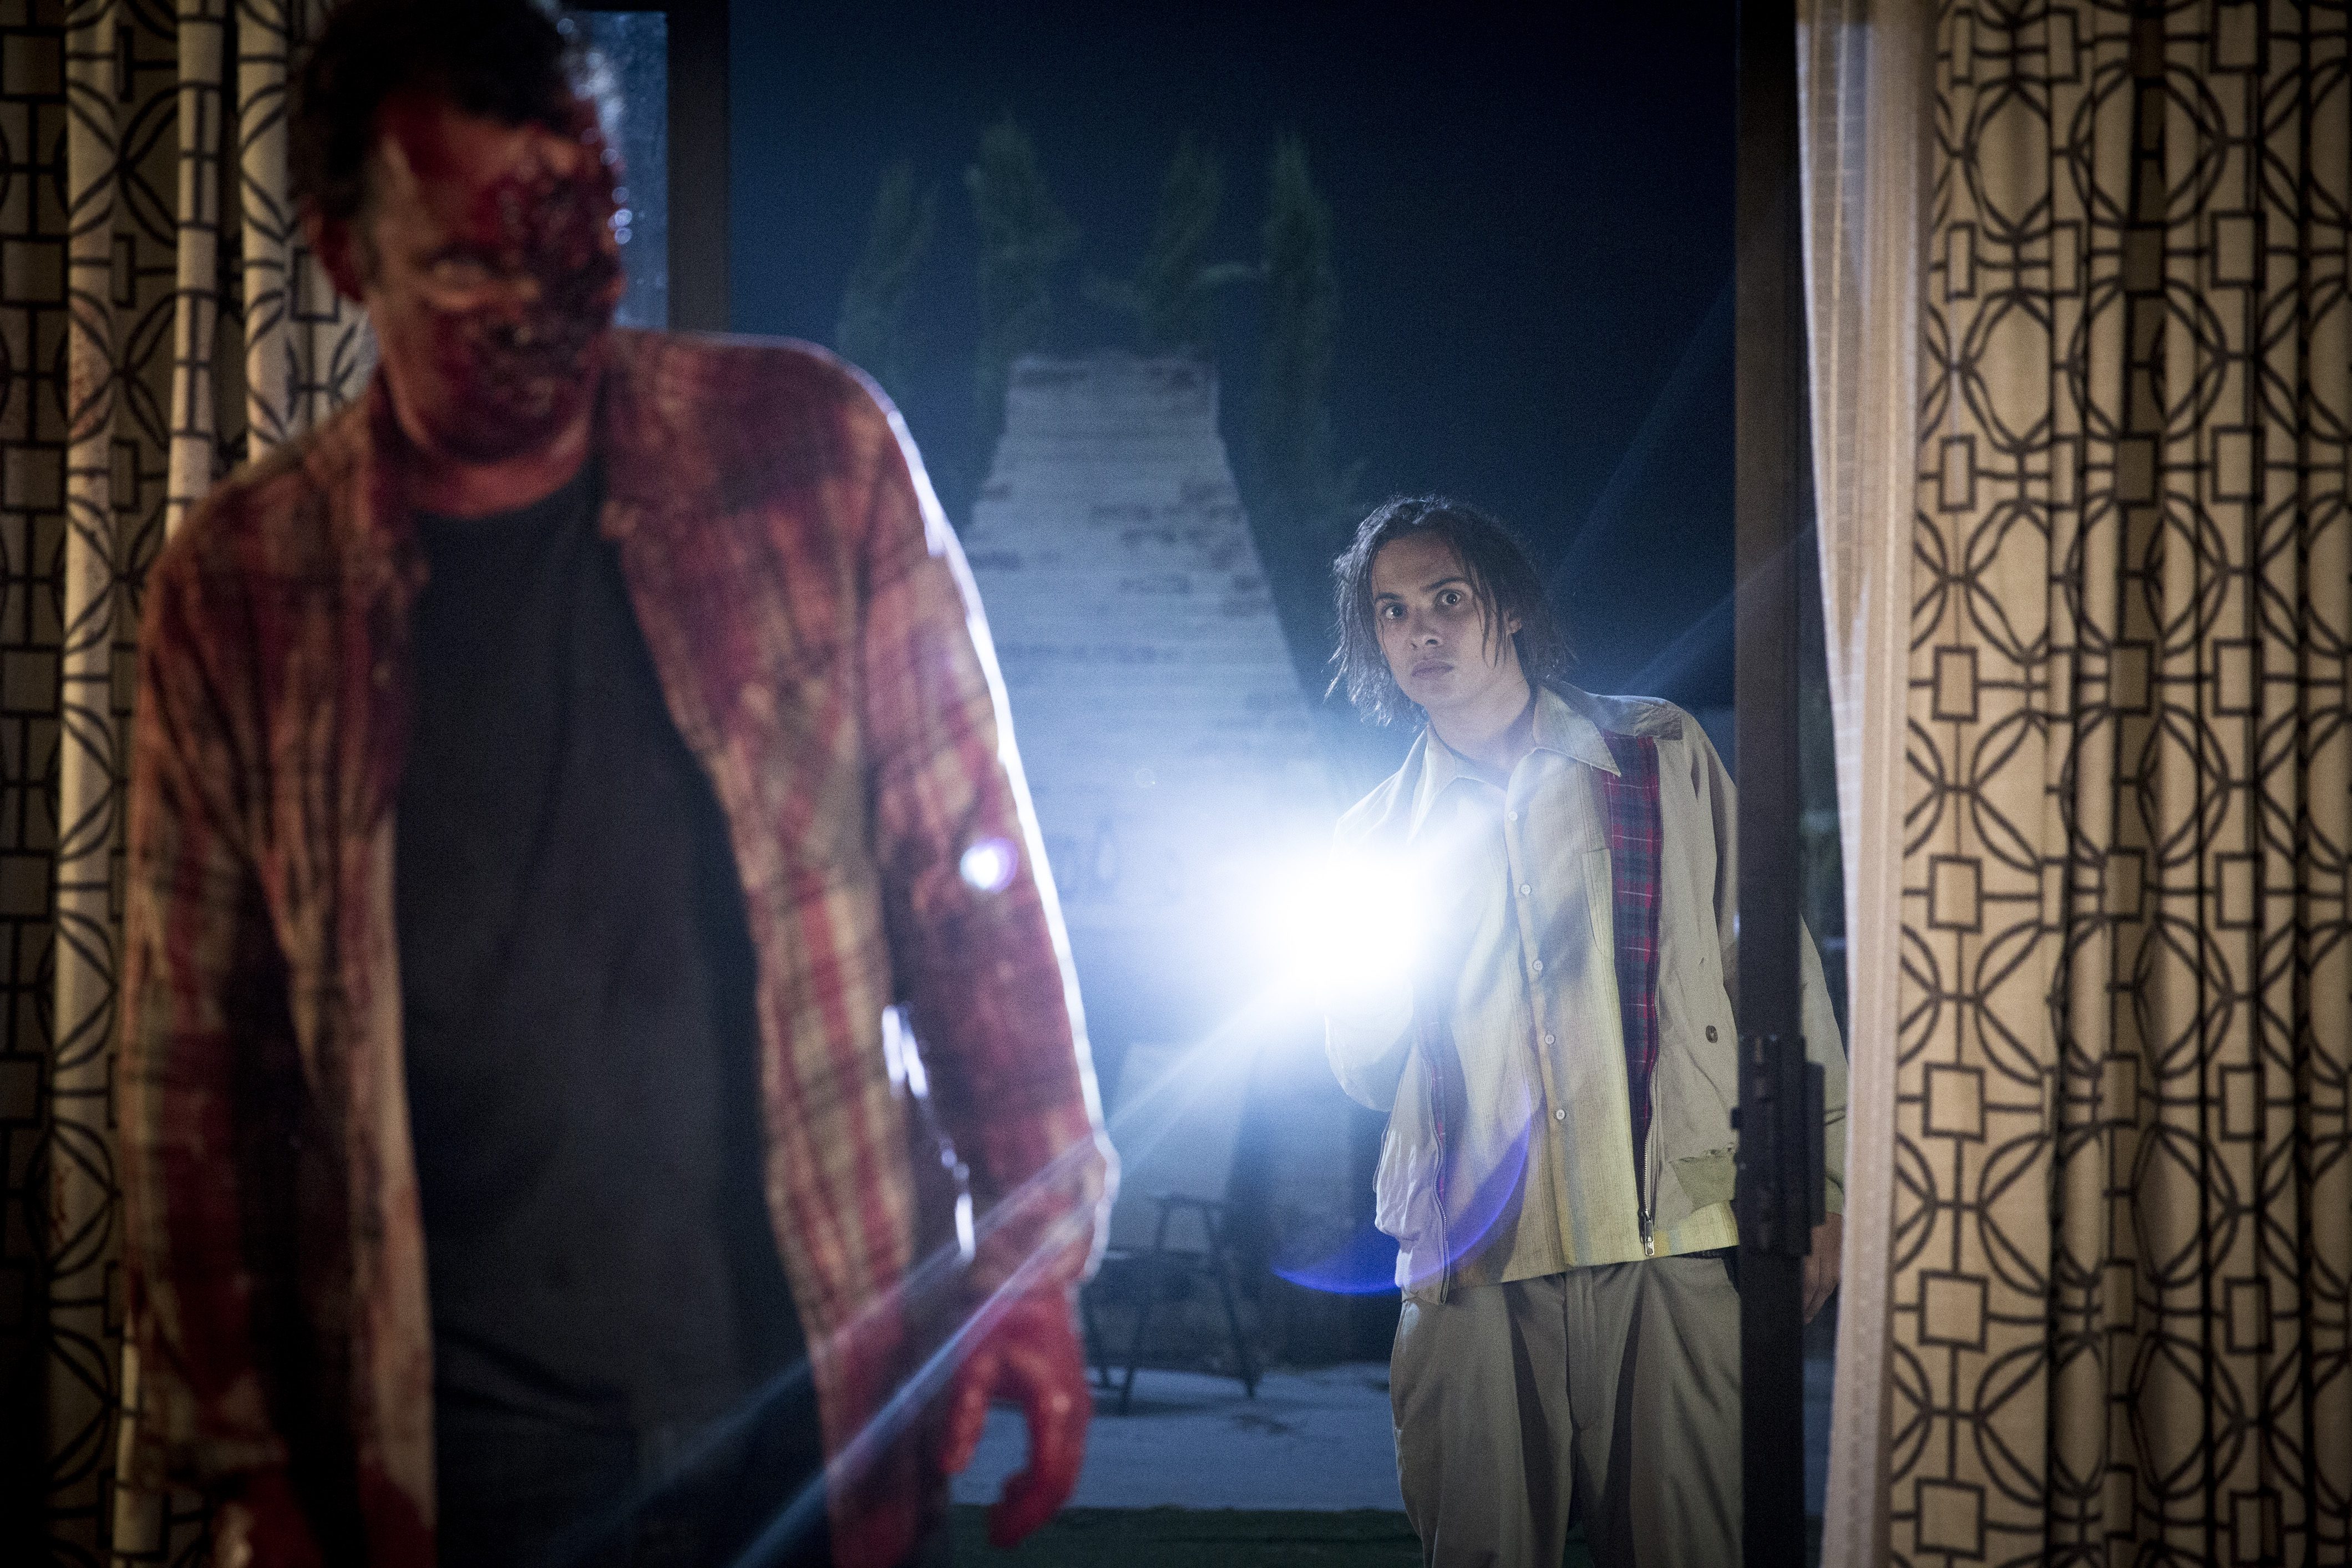 fear-the-walking-dead-1-temporada-frank-dillane-perguntas-e-respostas-001